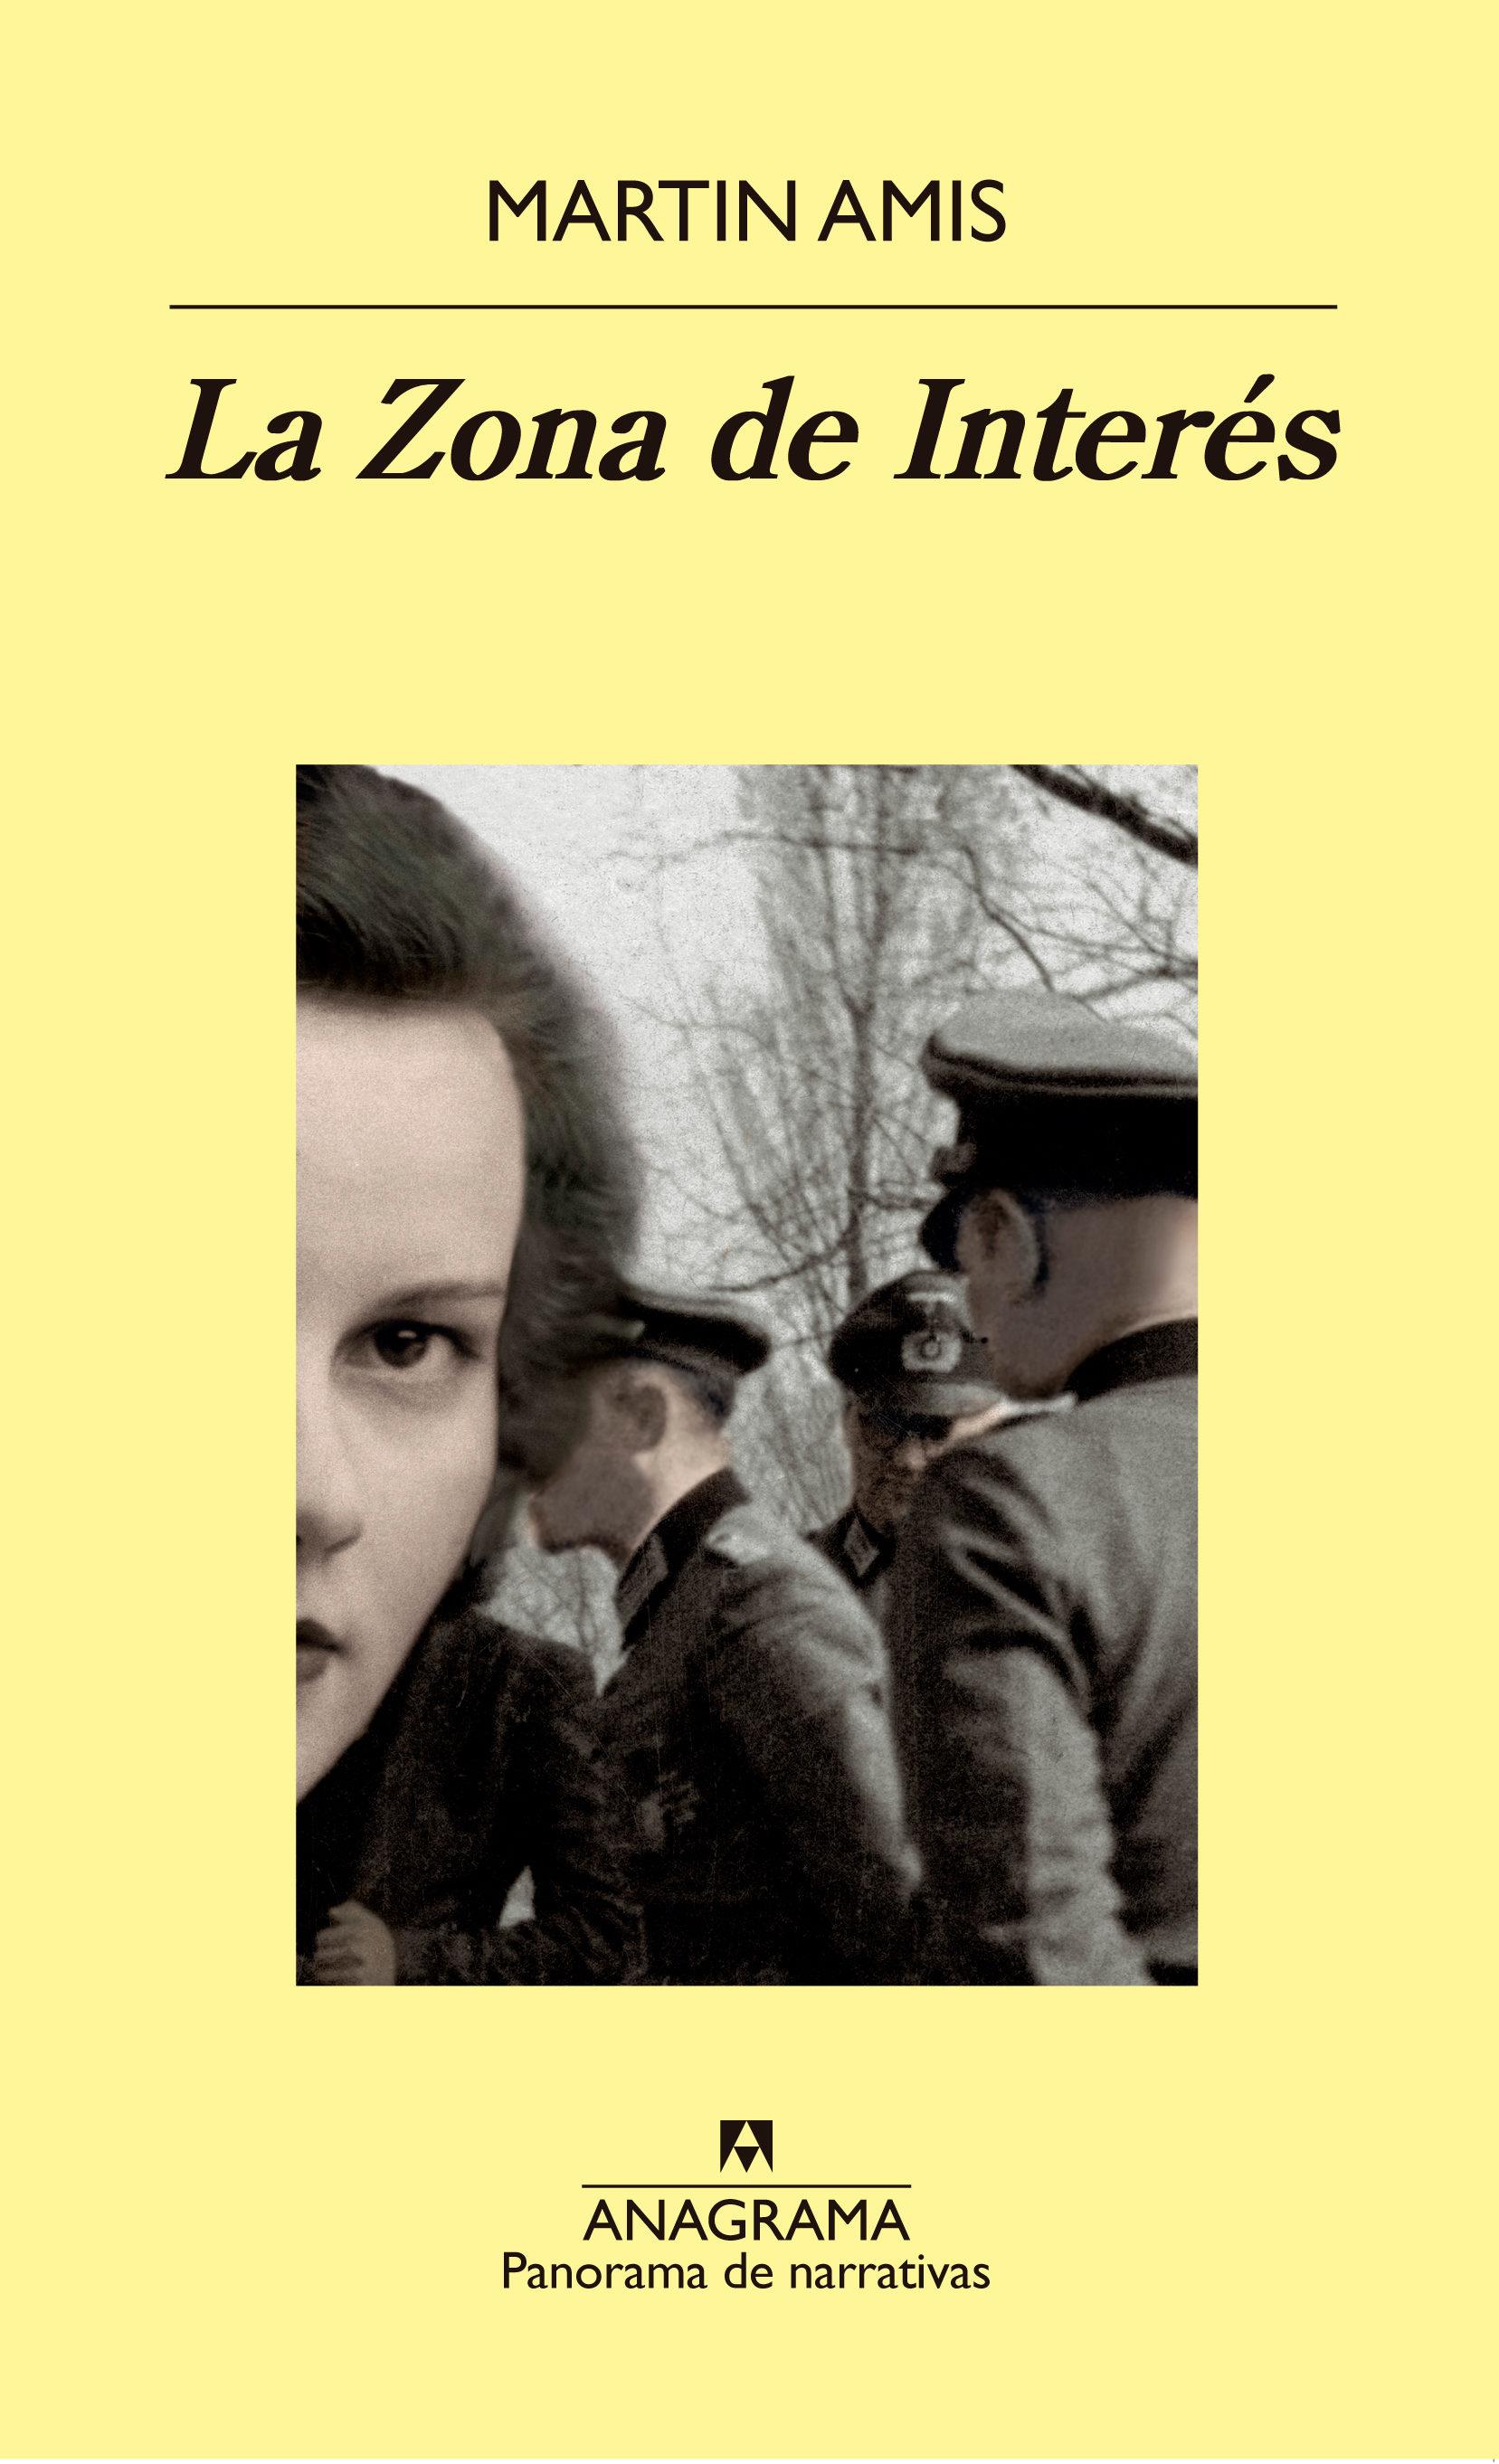 NAZIS Y SEGUNDA GUERRA MUNDIAL (reflexiones, libros, documentales, etc) - Página 7 9788433979360